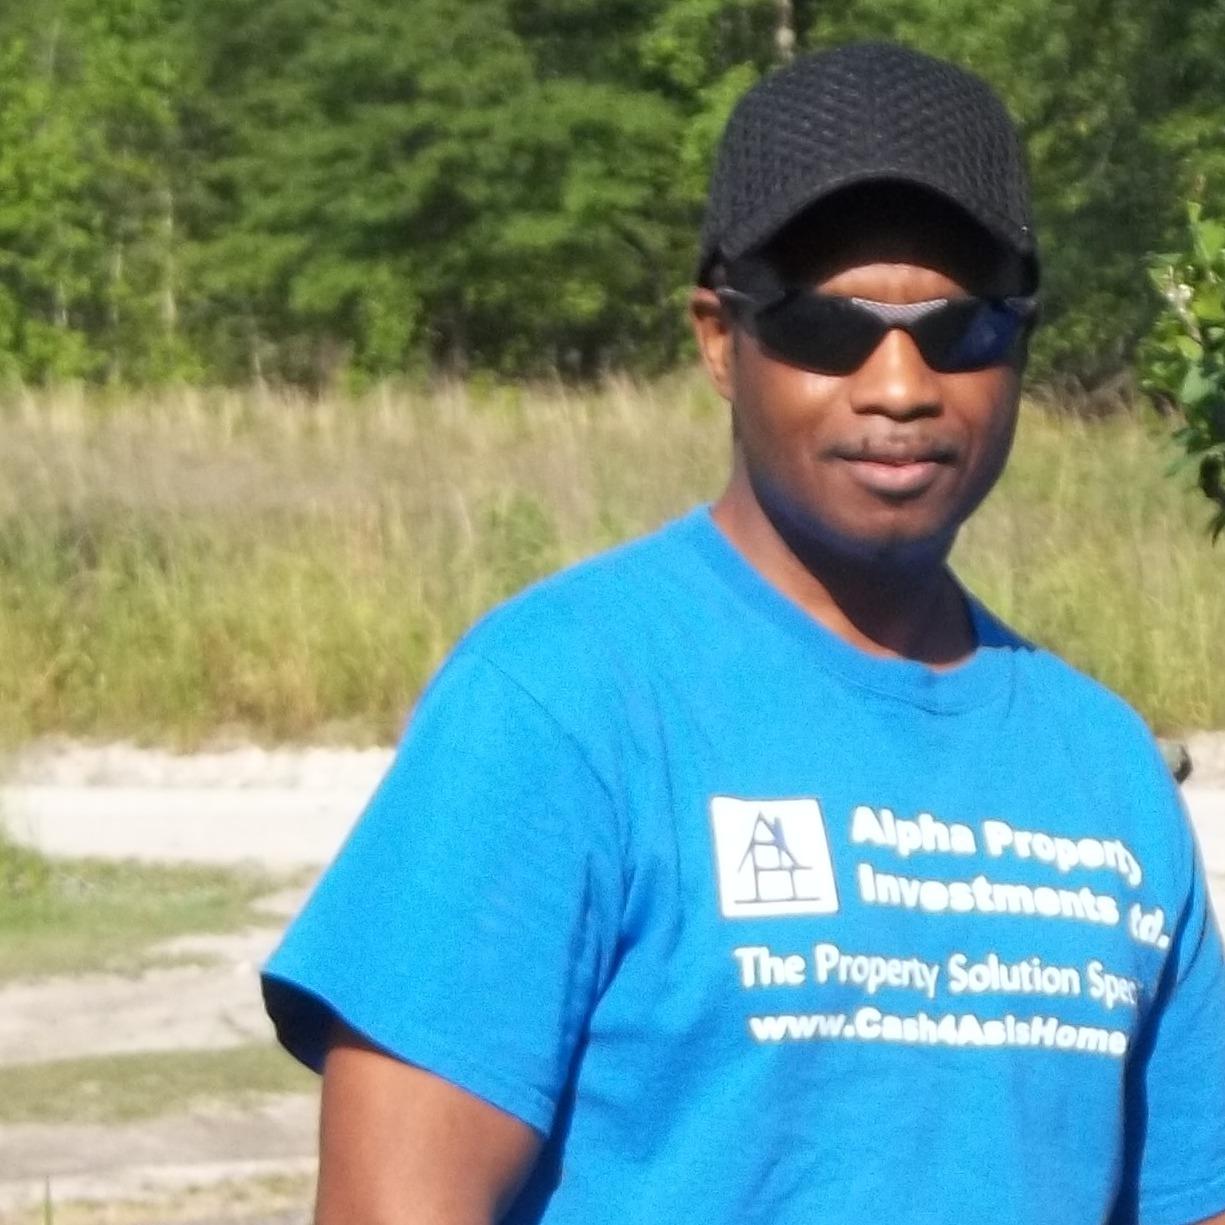 Reggie Smith Jr